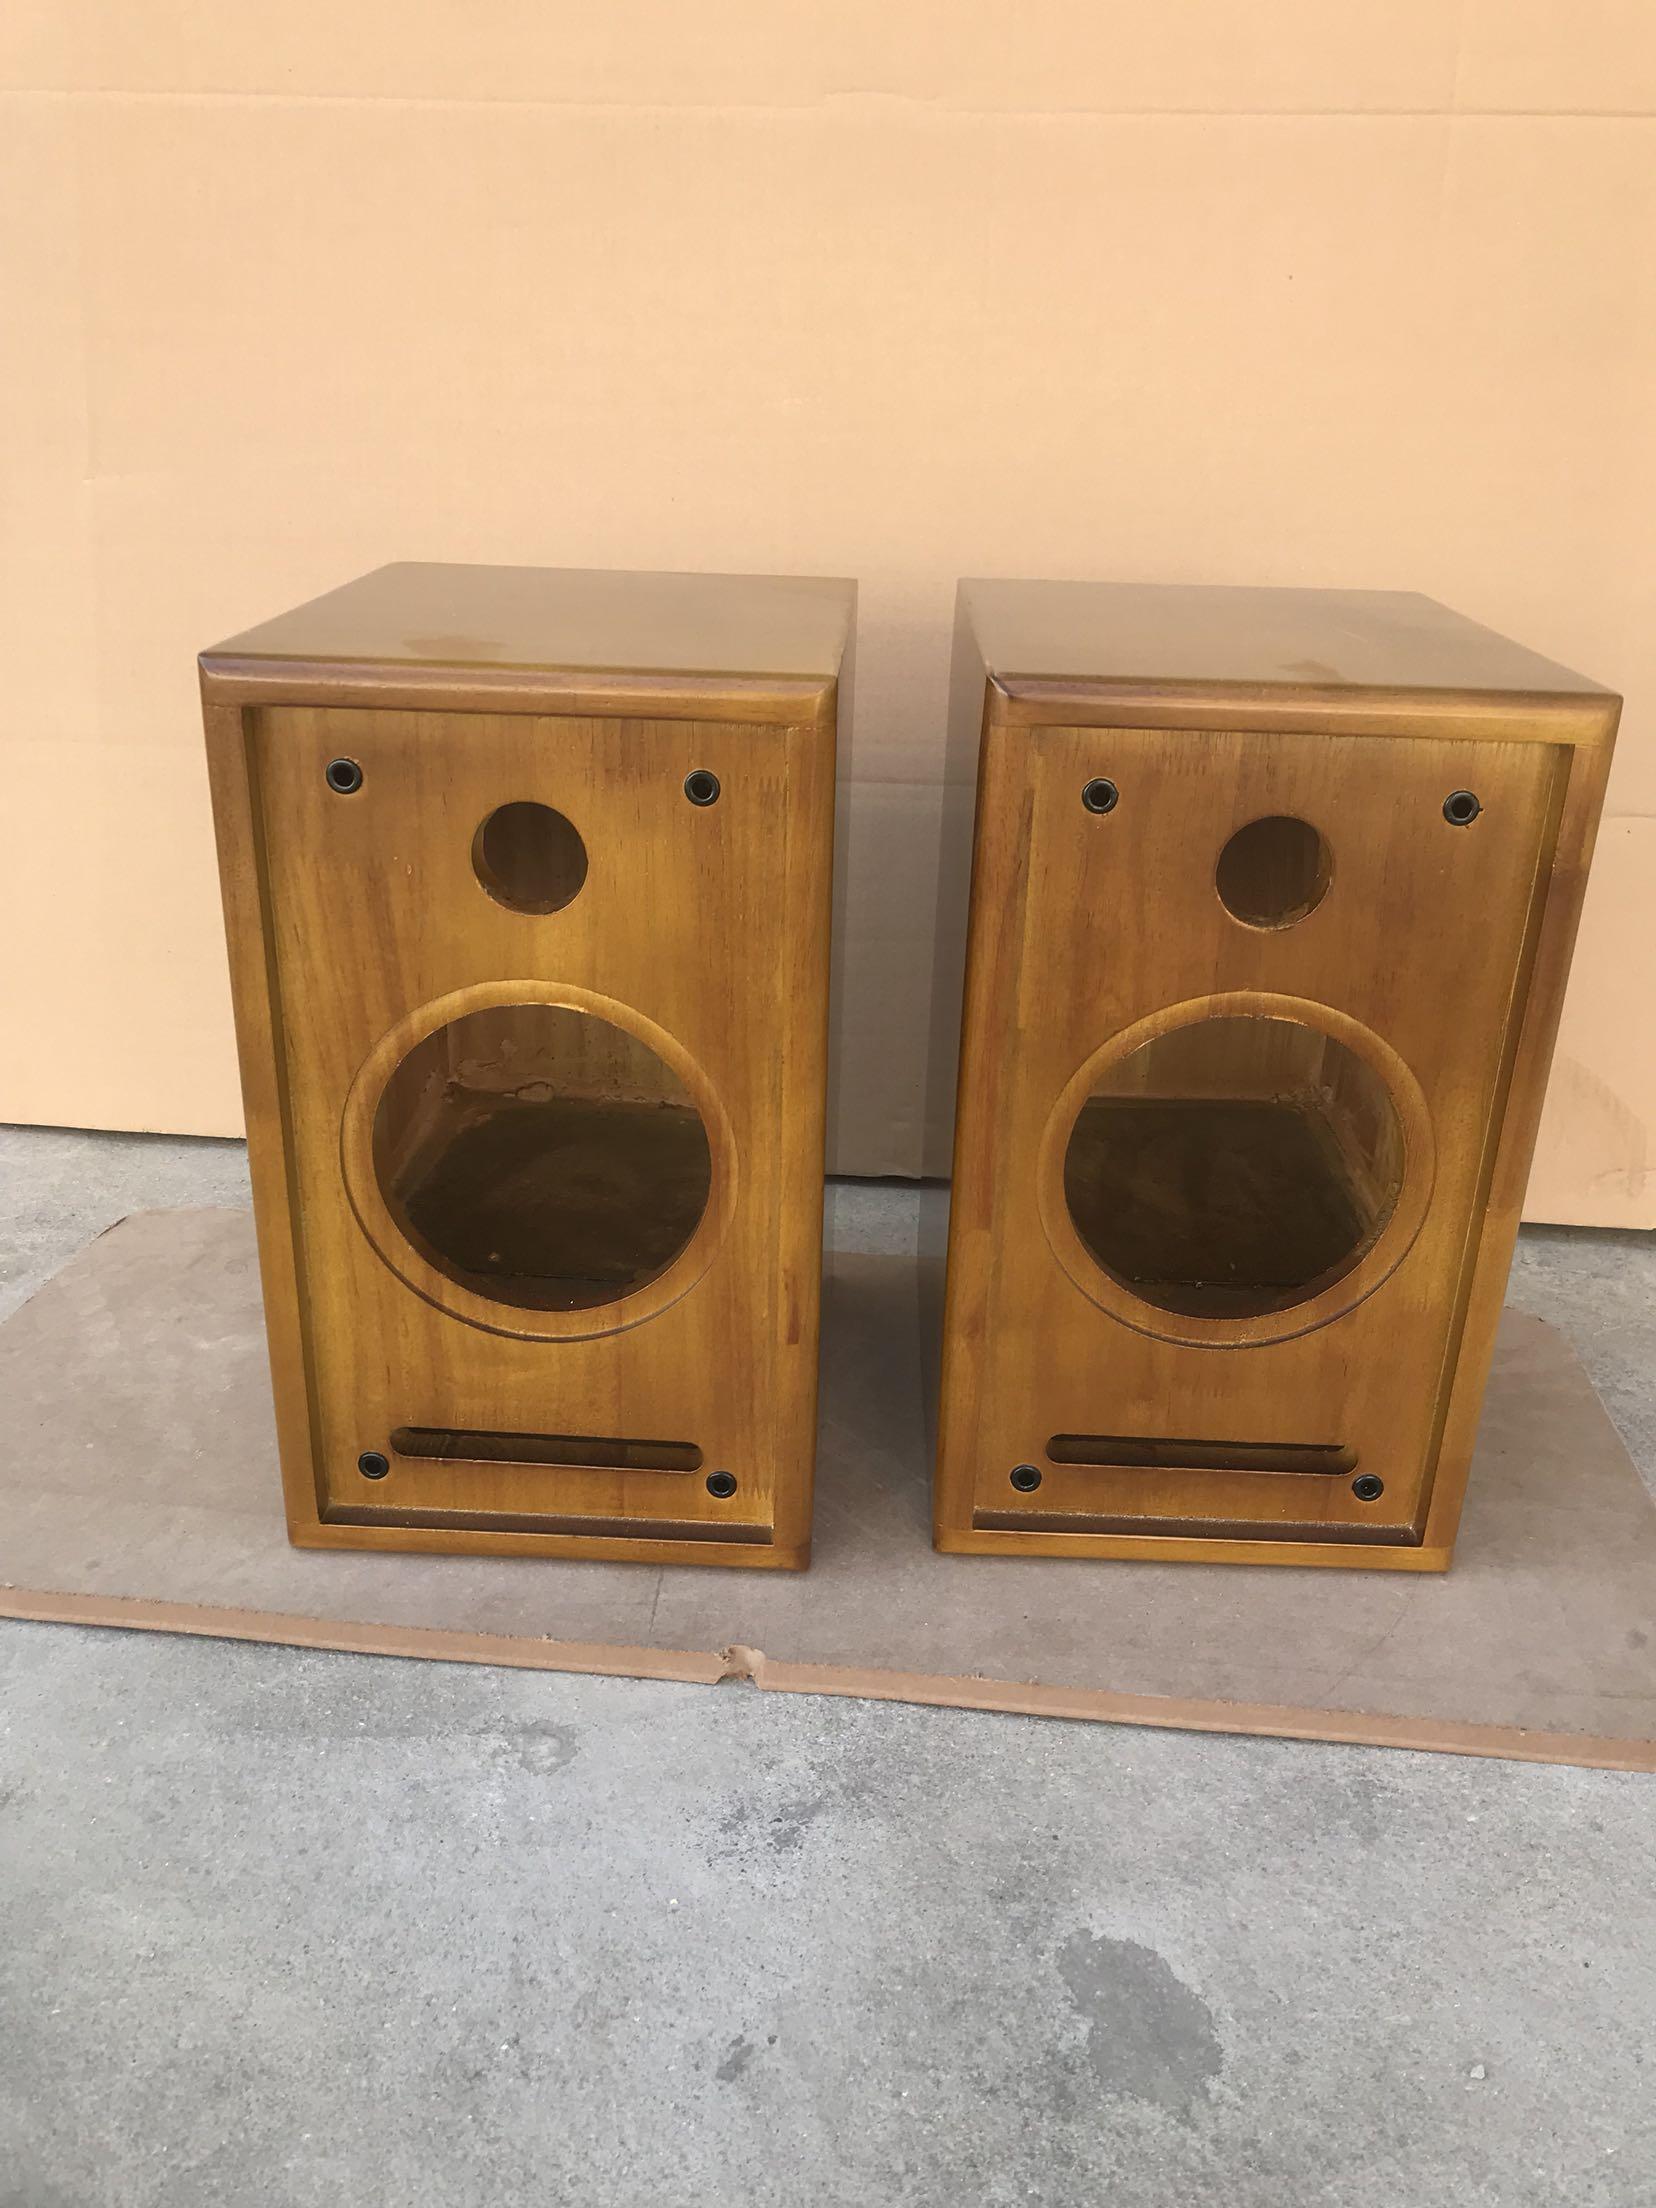 заказ 6,5 дюймов деревянные полки 8 дюймов 2 отдела антиквариат лабиринт оратор пустой контейнер